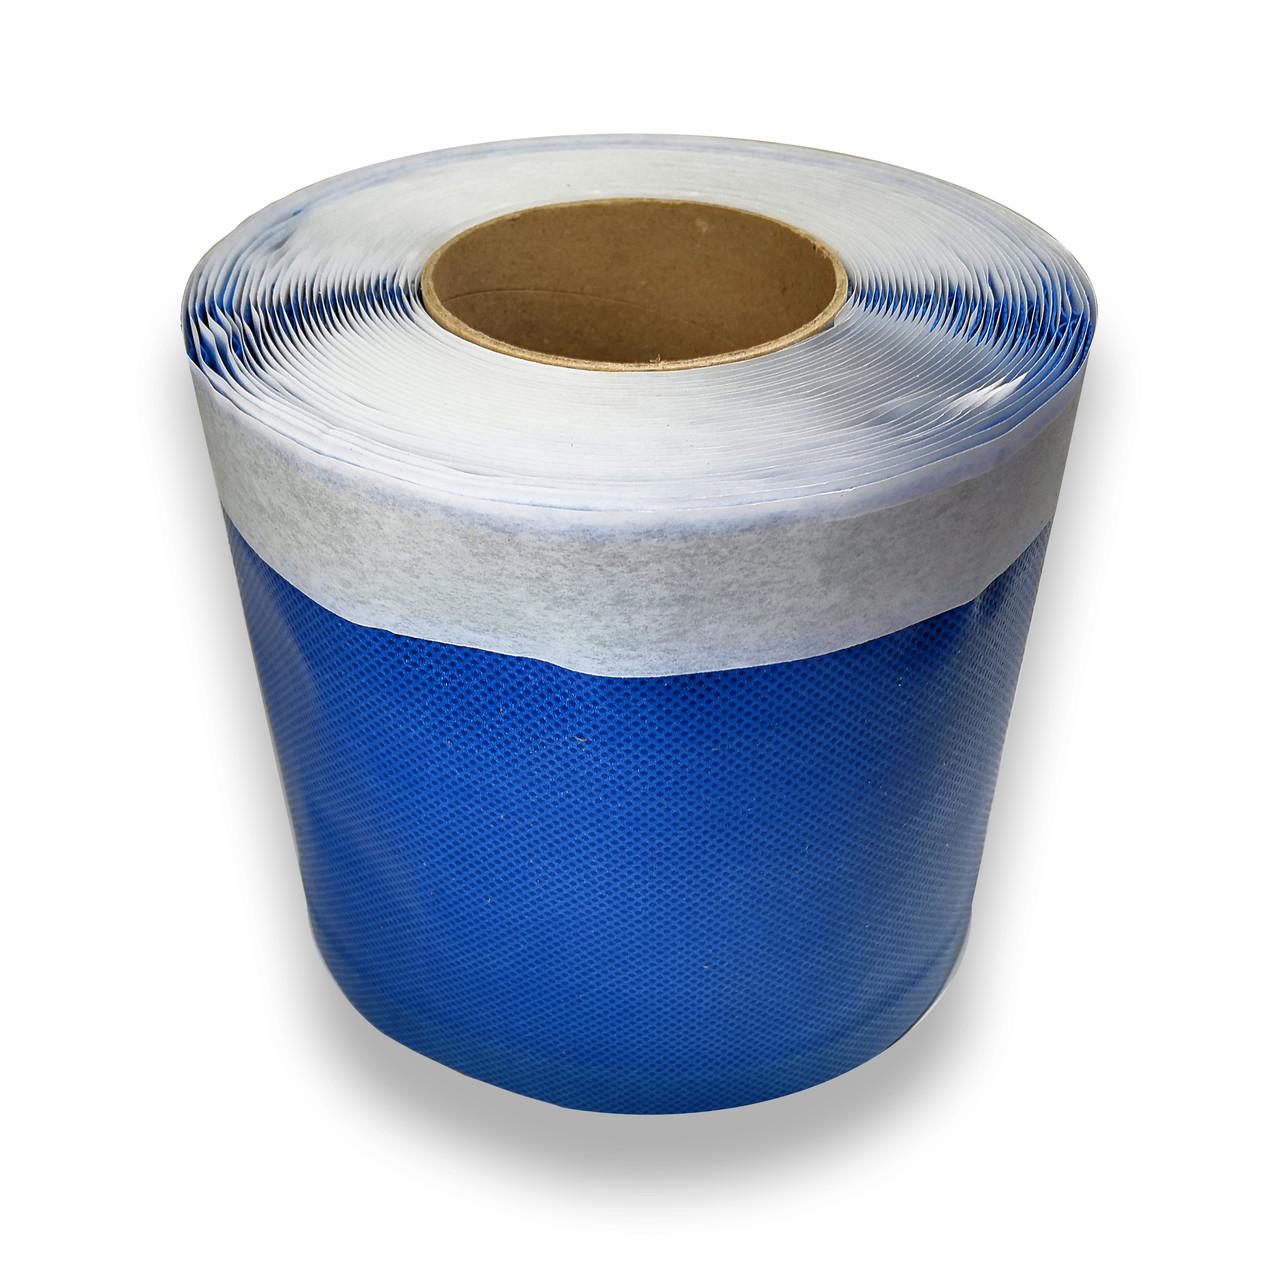 Герметизирующая  лента для монтажа окон внутренняя 100 мм х 12 м S